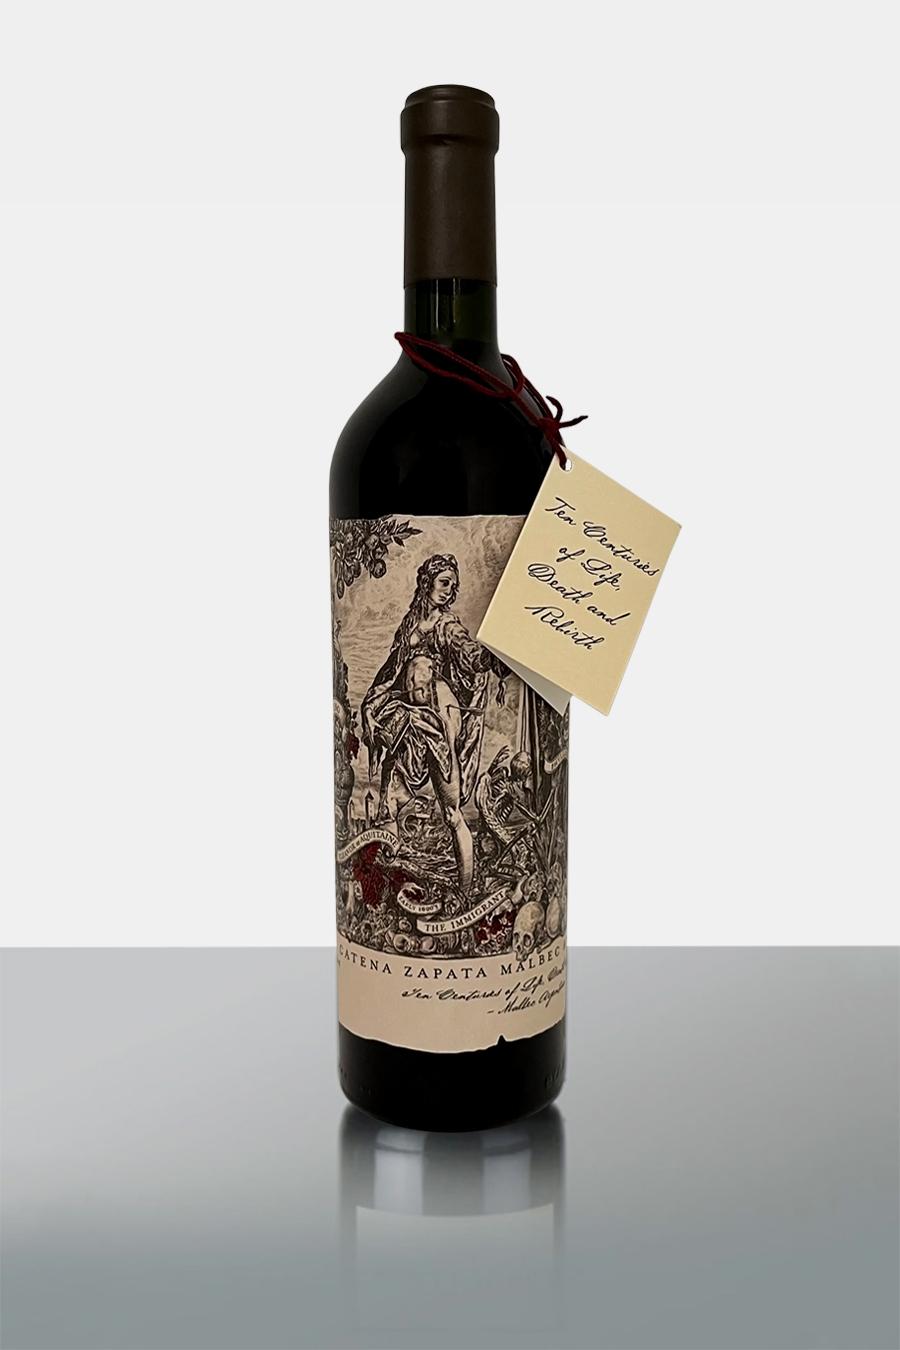 Die französische Rebsorte Malbec war früher auchbekannt unter dem Namen Côt. Im Bordeaux kommt diese herrliche Rebsorte kaum zum Zuge, im argentinischen Hochland aber läuft sie zu ganz großer Form auf. In Argentinien kommt sie zumeist reinsortig auf die Flasche und entwickelt eine sehr schöne, ausgeprägte und eigene Charakteristik. Schwarze Trauben für ihre großartigen Geschmacksnuancen binden Anklänge von Blaubeeren, Lorbeeren, Wacholder, Gewürzen und Kirschen lassen den Wein ganz besonders intensiv wirken. ImBordeaux kommt diese herrliche Rebsorte kaum zum Zuge, im argentinischen Hochland aber läuft sie zu ganz großer Form auf. In Argentinien kommt sie zumeist reinsortig auf die Flasche und entwickelt eine sehr schöne, ausgeprägte und eigene Charakteristik. Außerdem schätzen Weinkenner die fast schwarzen Trauben für ihre großartigen Geschmacksnuancen. Anklänge an Blaubeeren, Lorbeeren, Wacholder, Gewürzen und Kirschen lassen den Wein ganz besonders wirken.